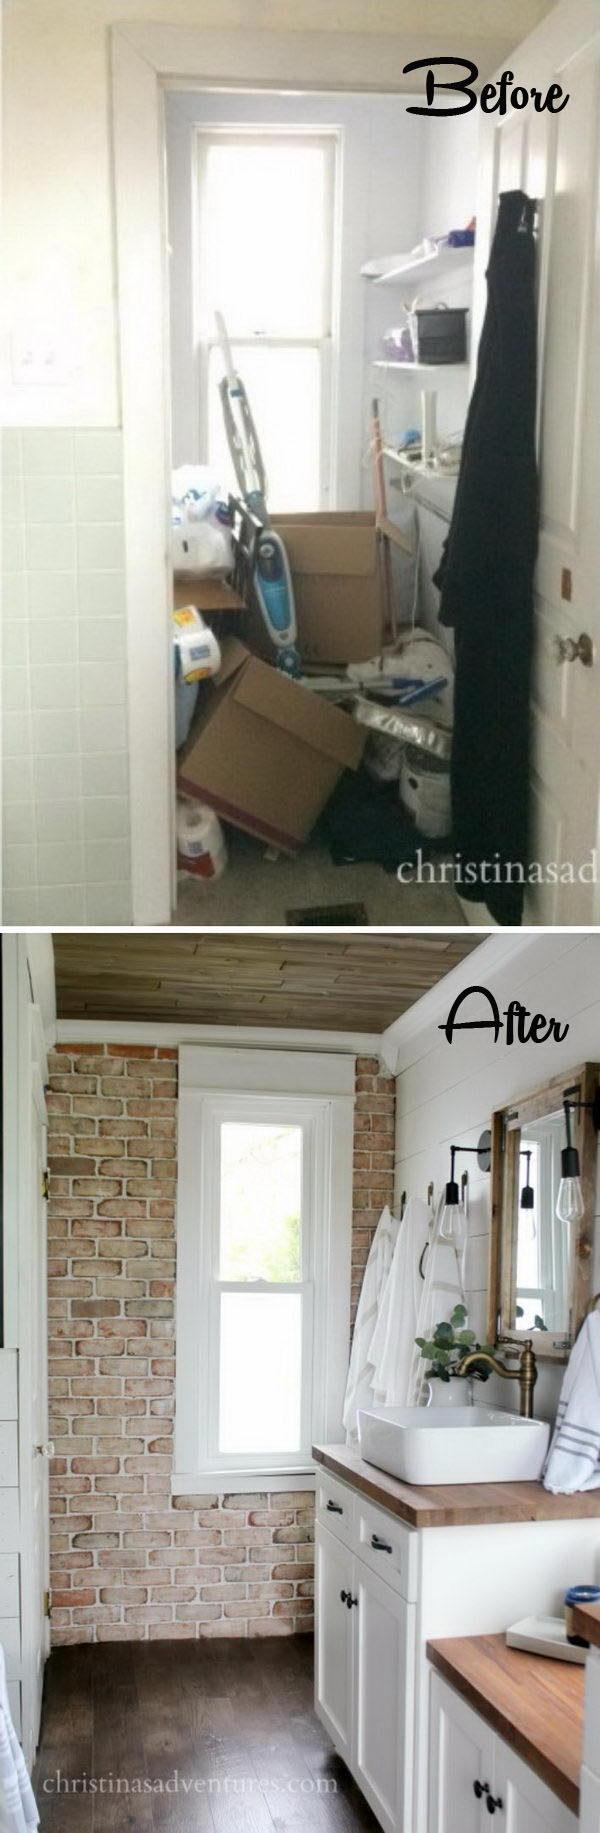 Farmhouse Bathroom Makeover with a DIY Brick Veneer Wall.